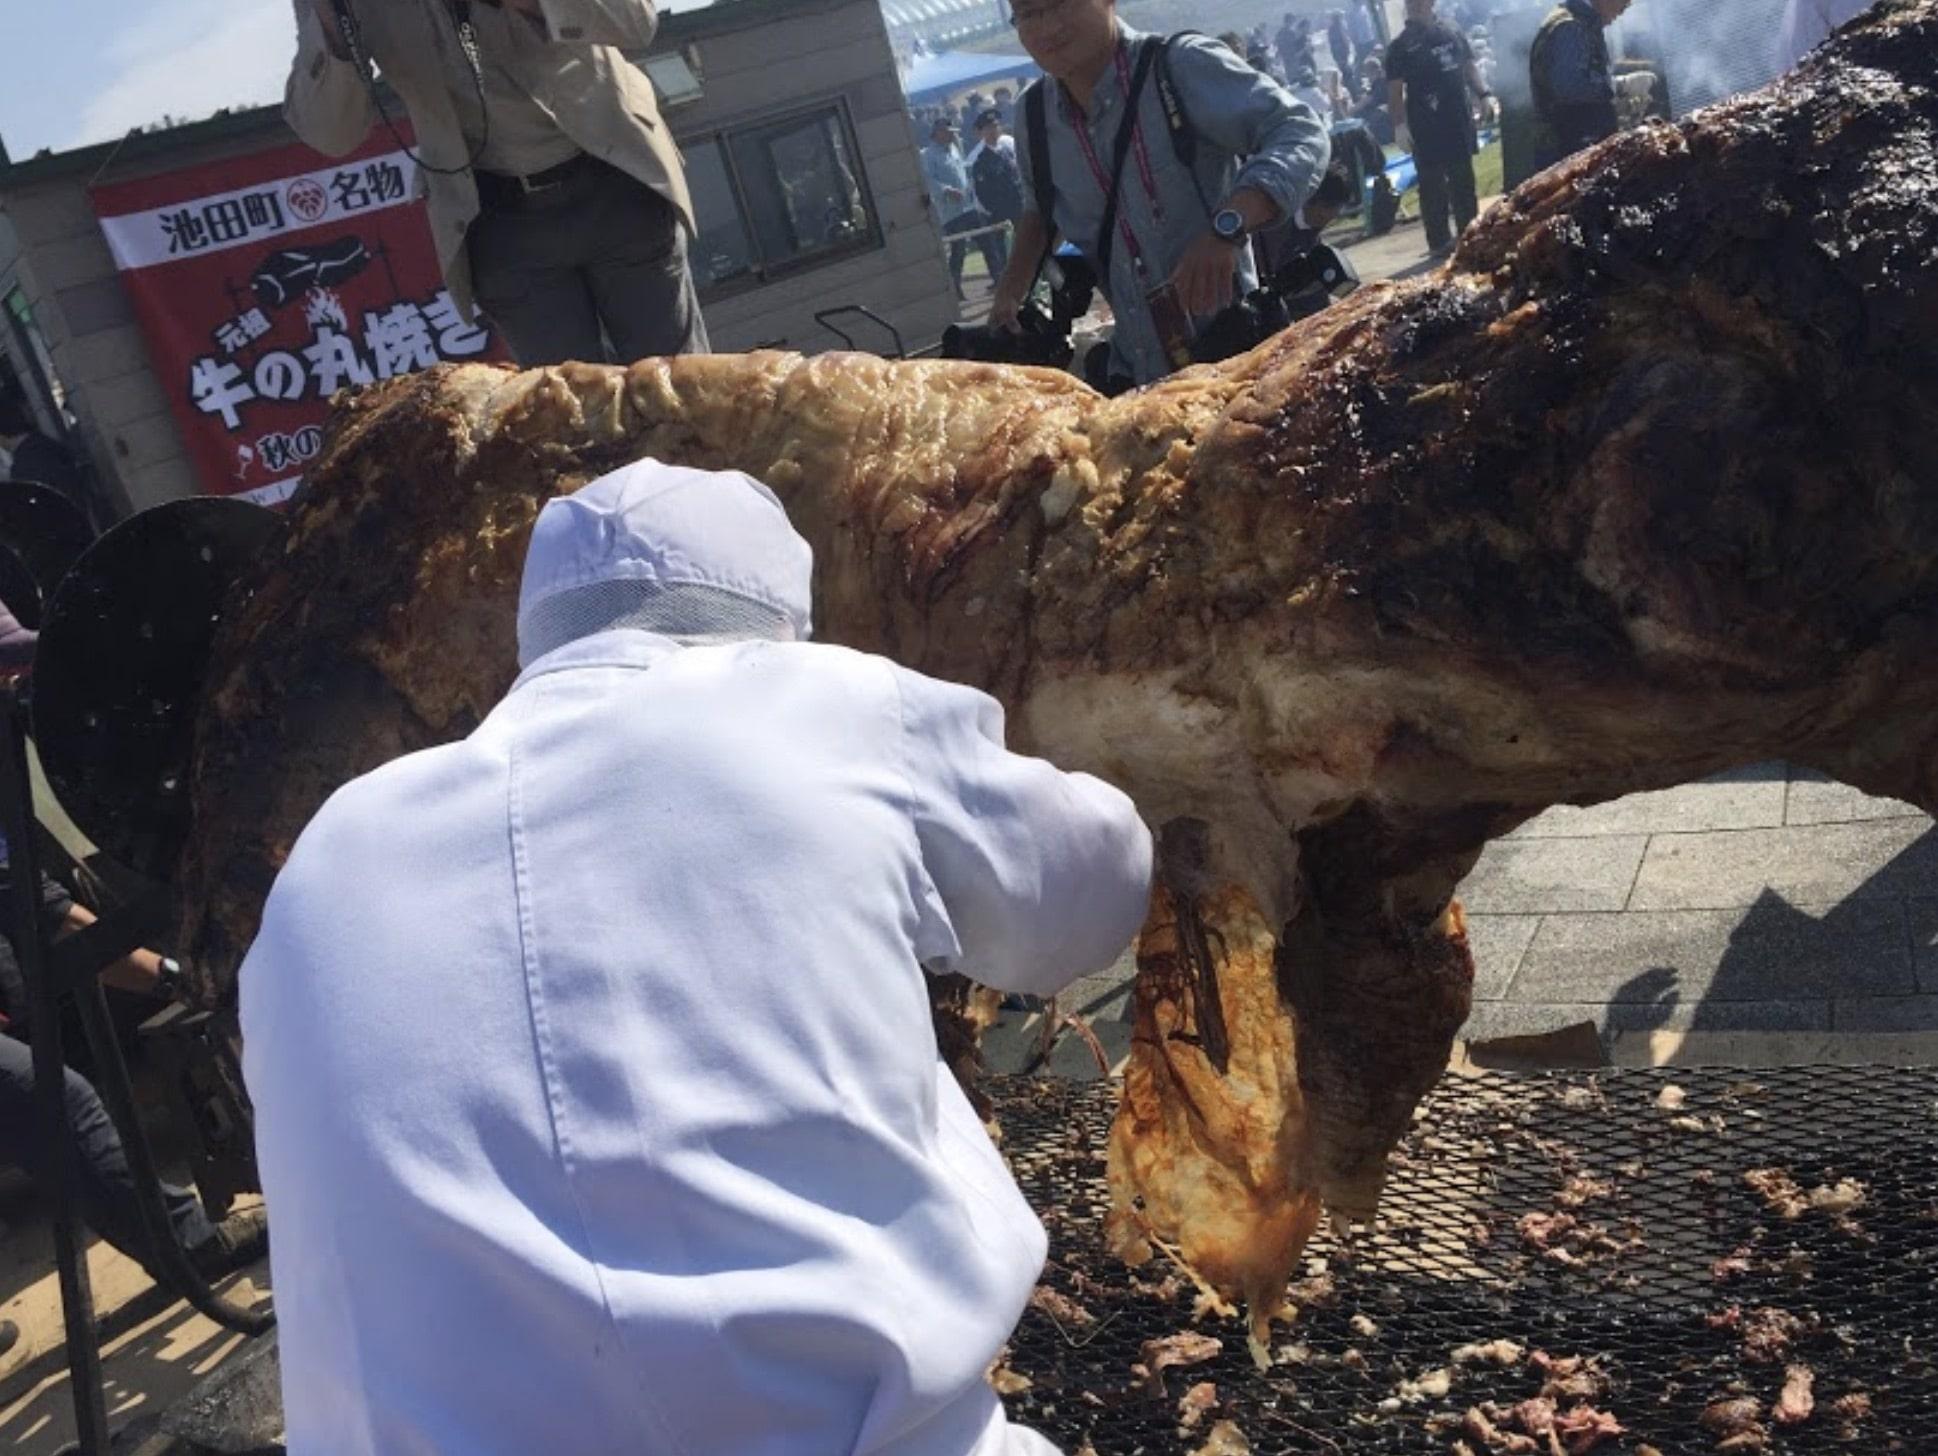 池田町秋のワインまつりの牛の丸焼き